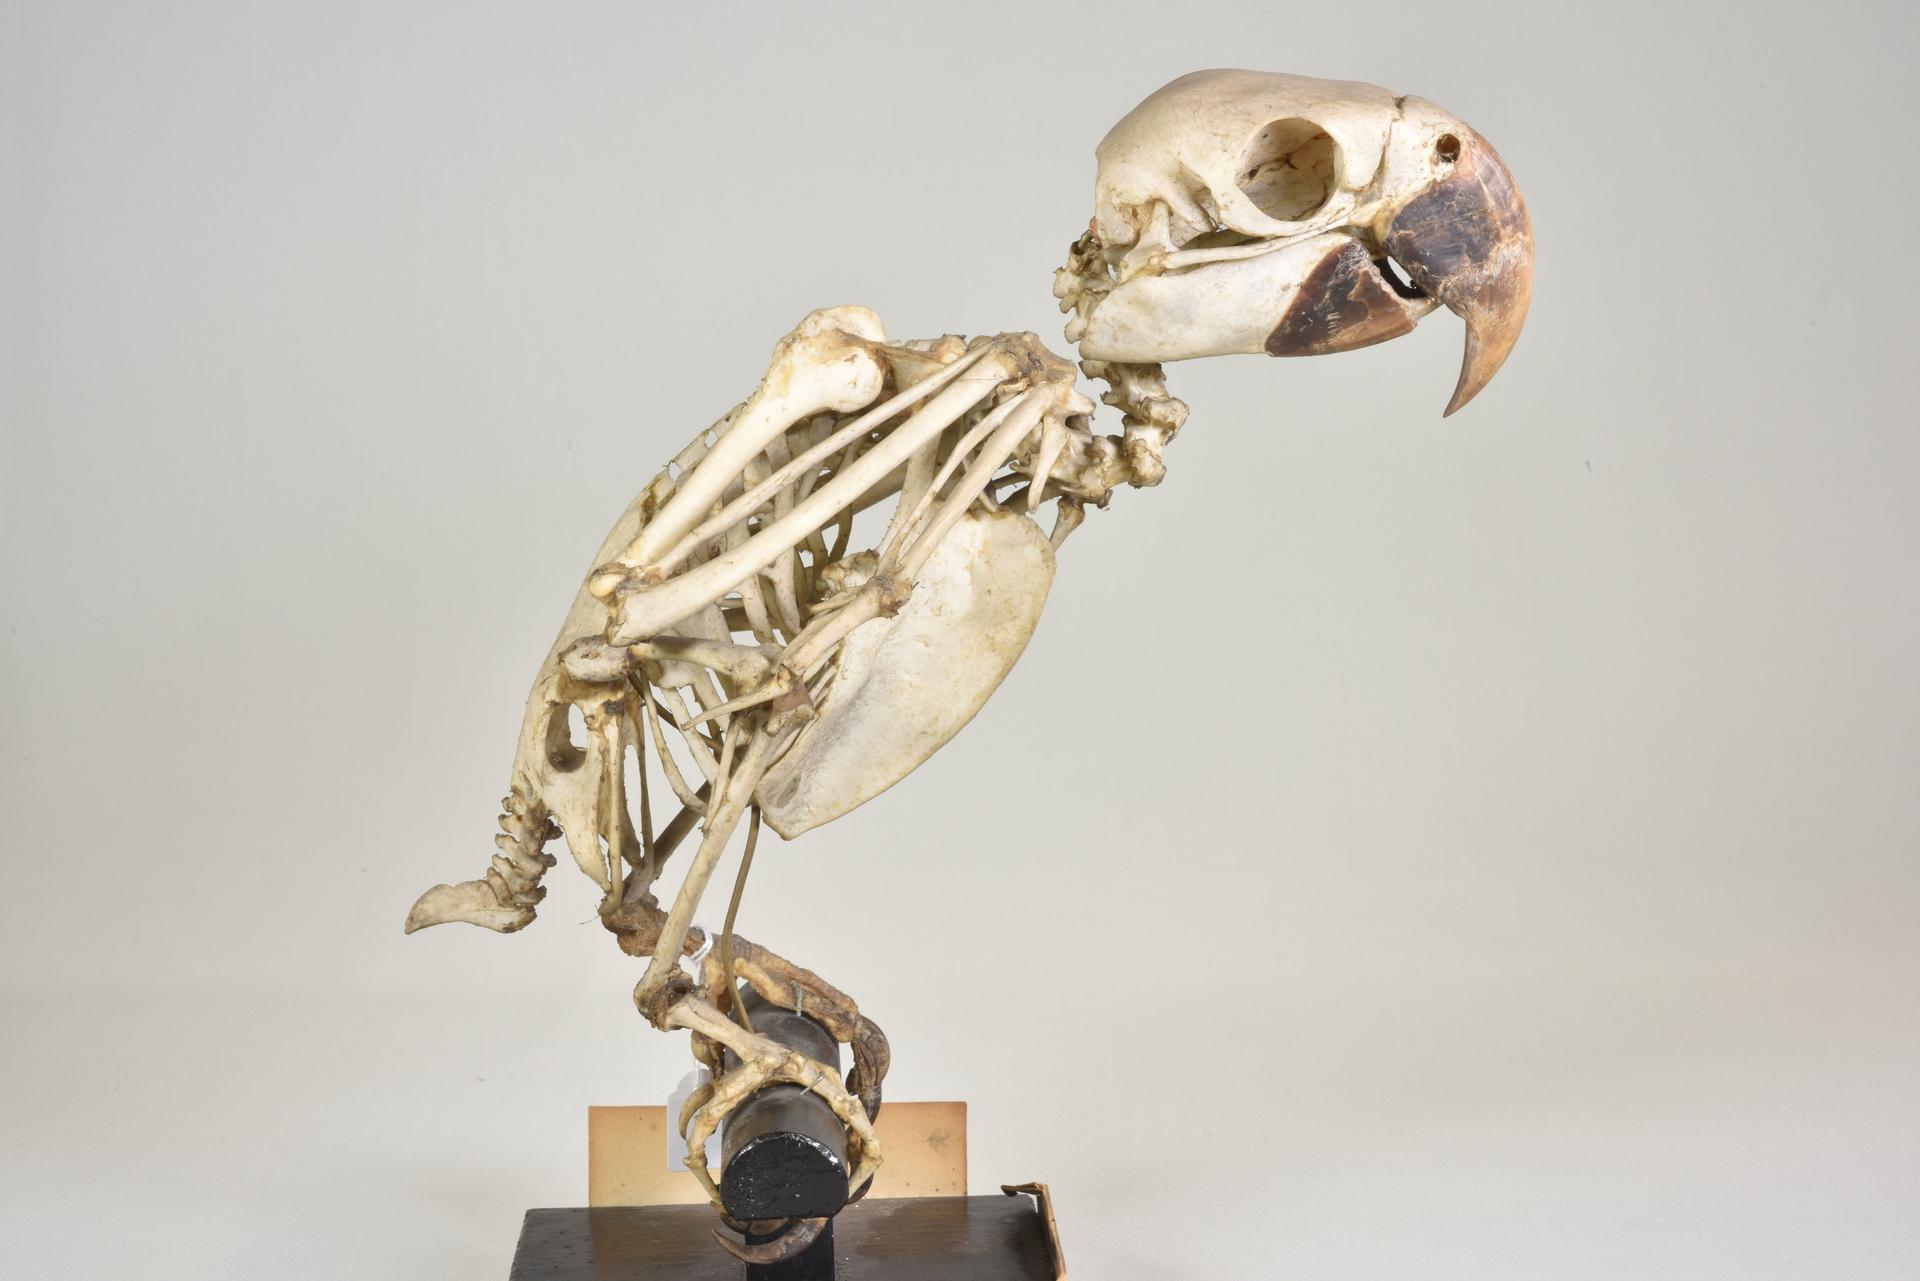 RMNH.AVES.110114   Anodorhynchus glaucus (Vieillot, 1816)